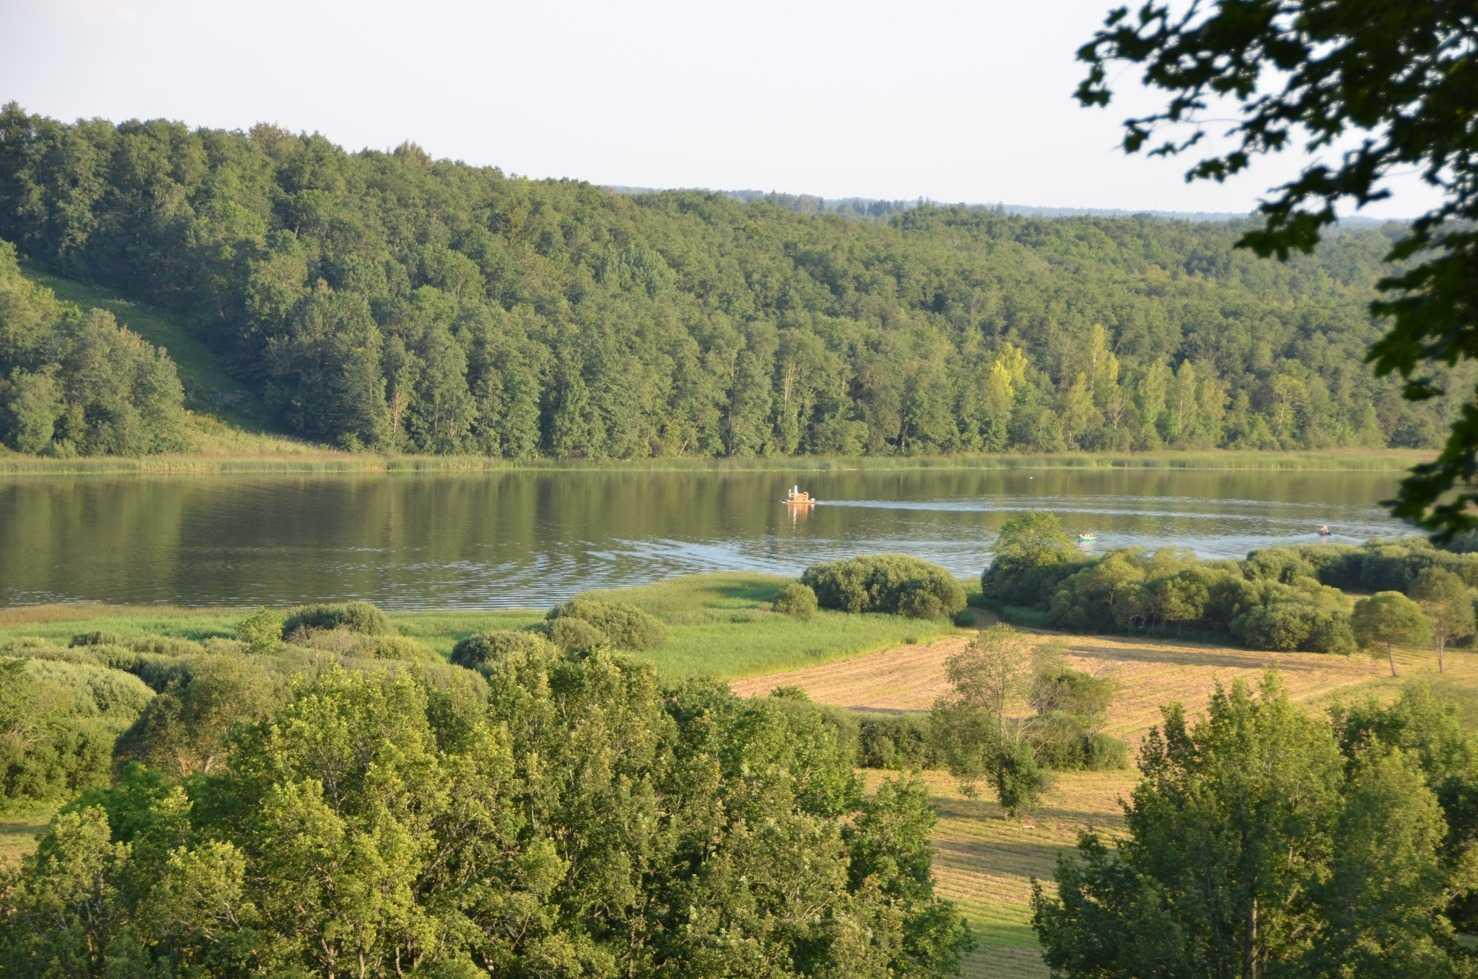 Festivalin ormanlık alanı tepeden kuşbakışı Viljandi Gölünü görüyor…